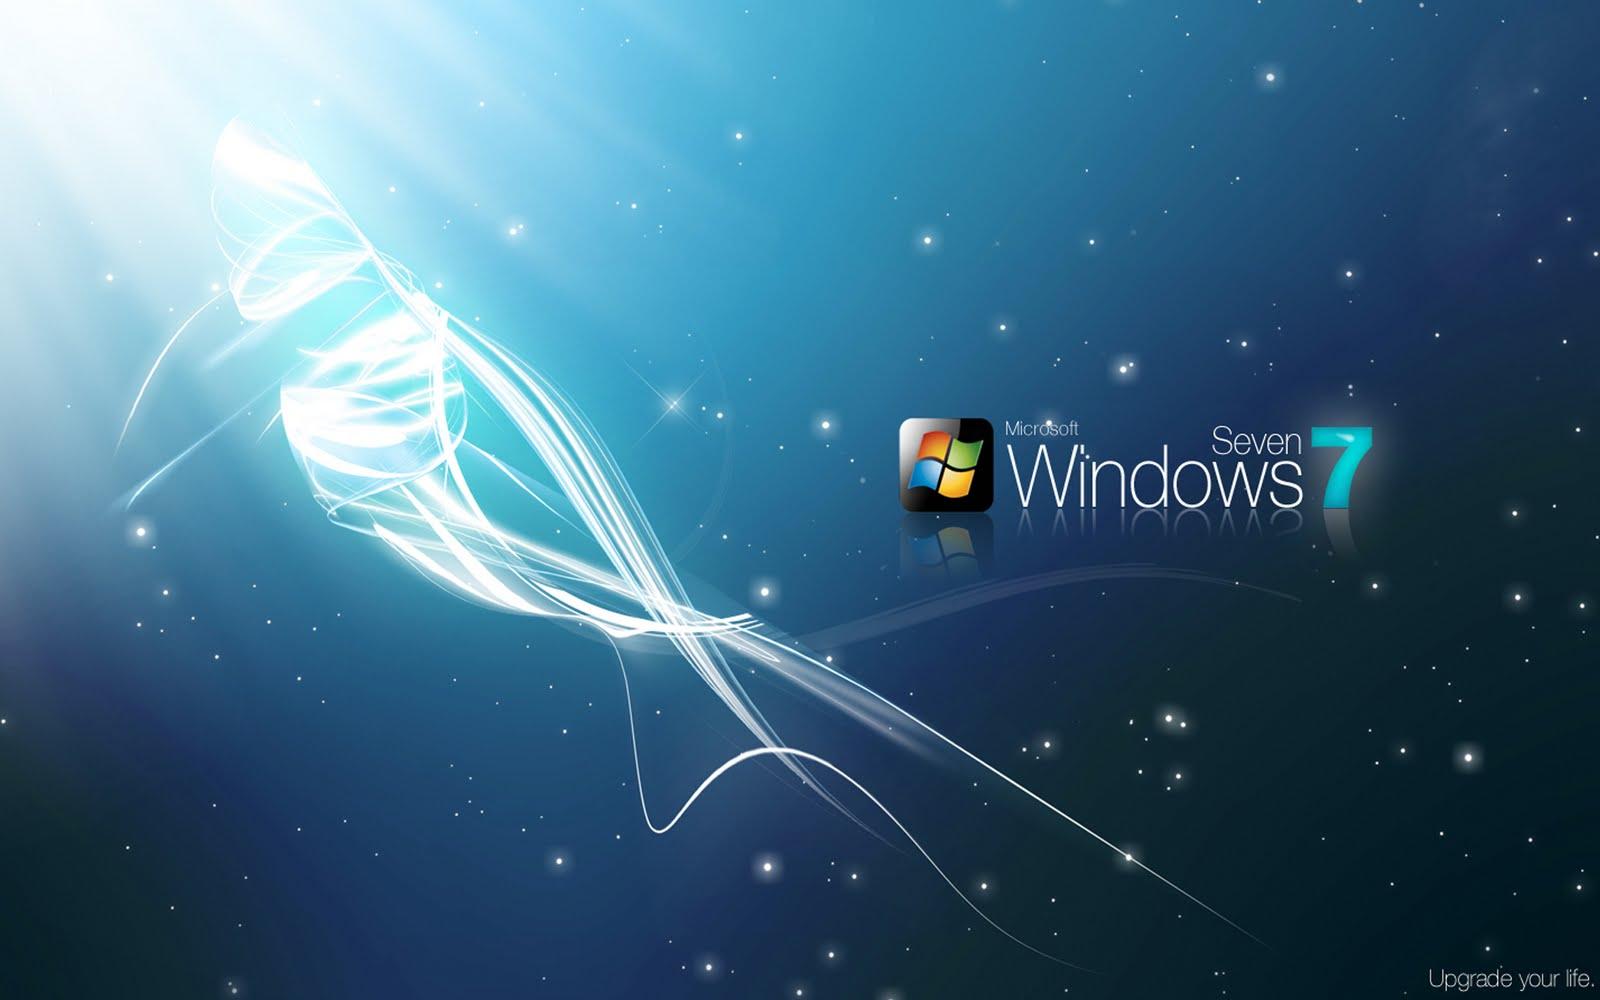 Poze Imagini Desktop